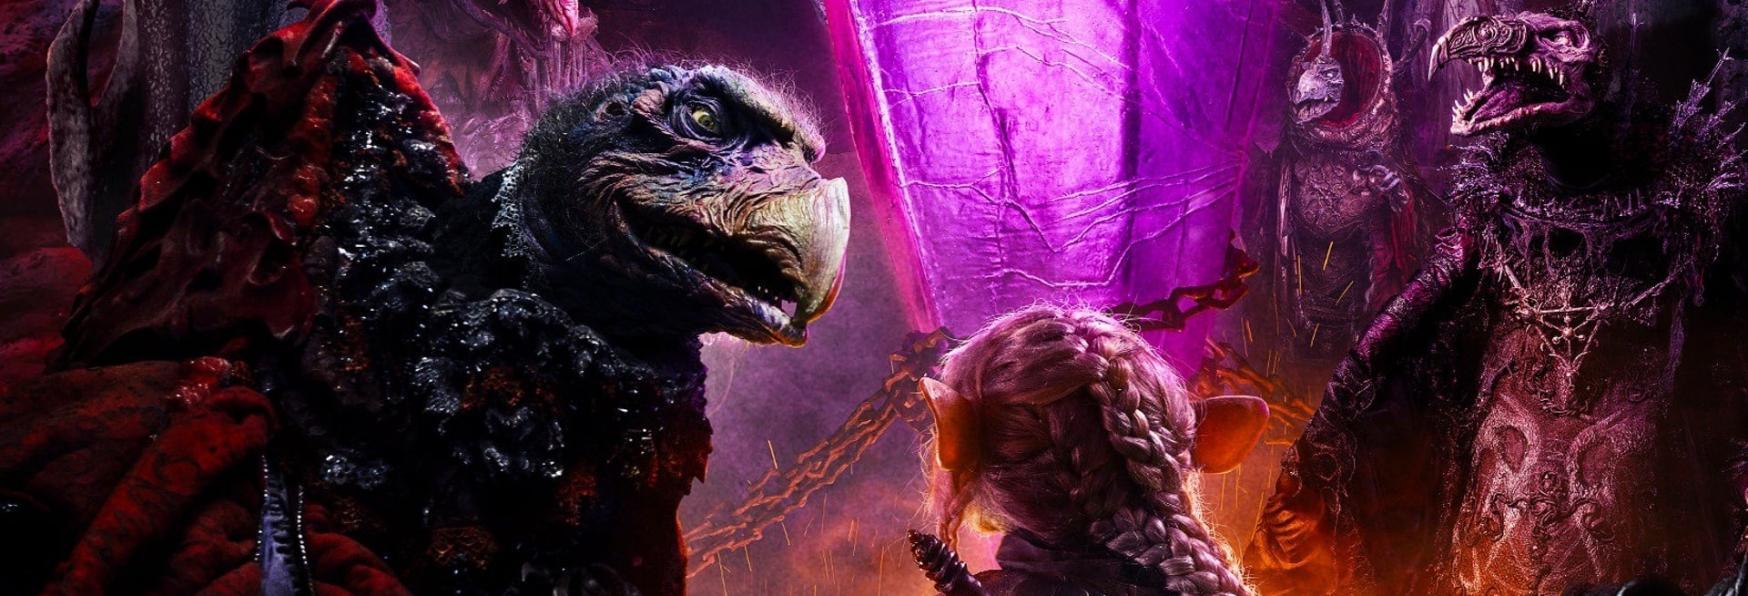 Dark Crystal: la Resistenza - La nostra Recensione dell'incredibile Serie TV Fantasy targata Netflix